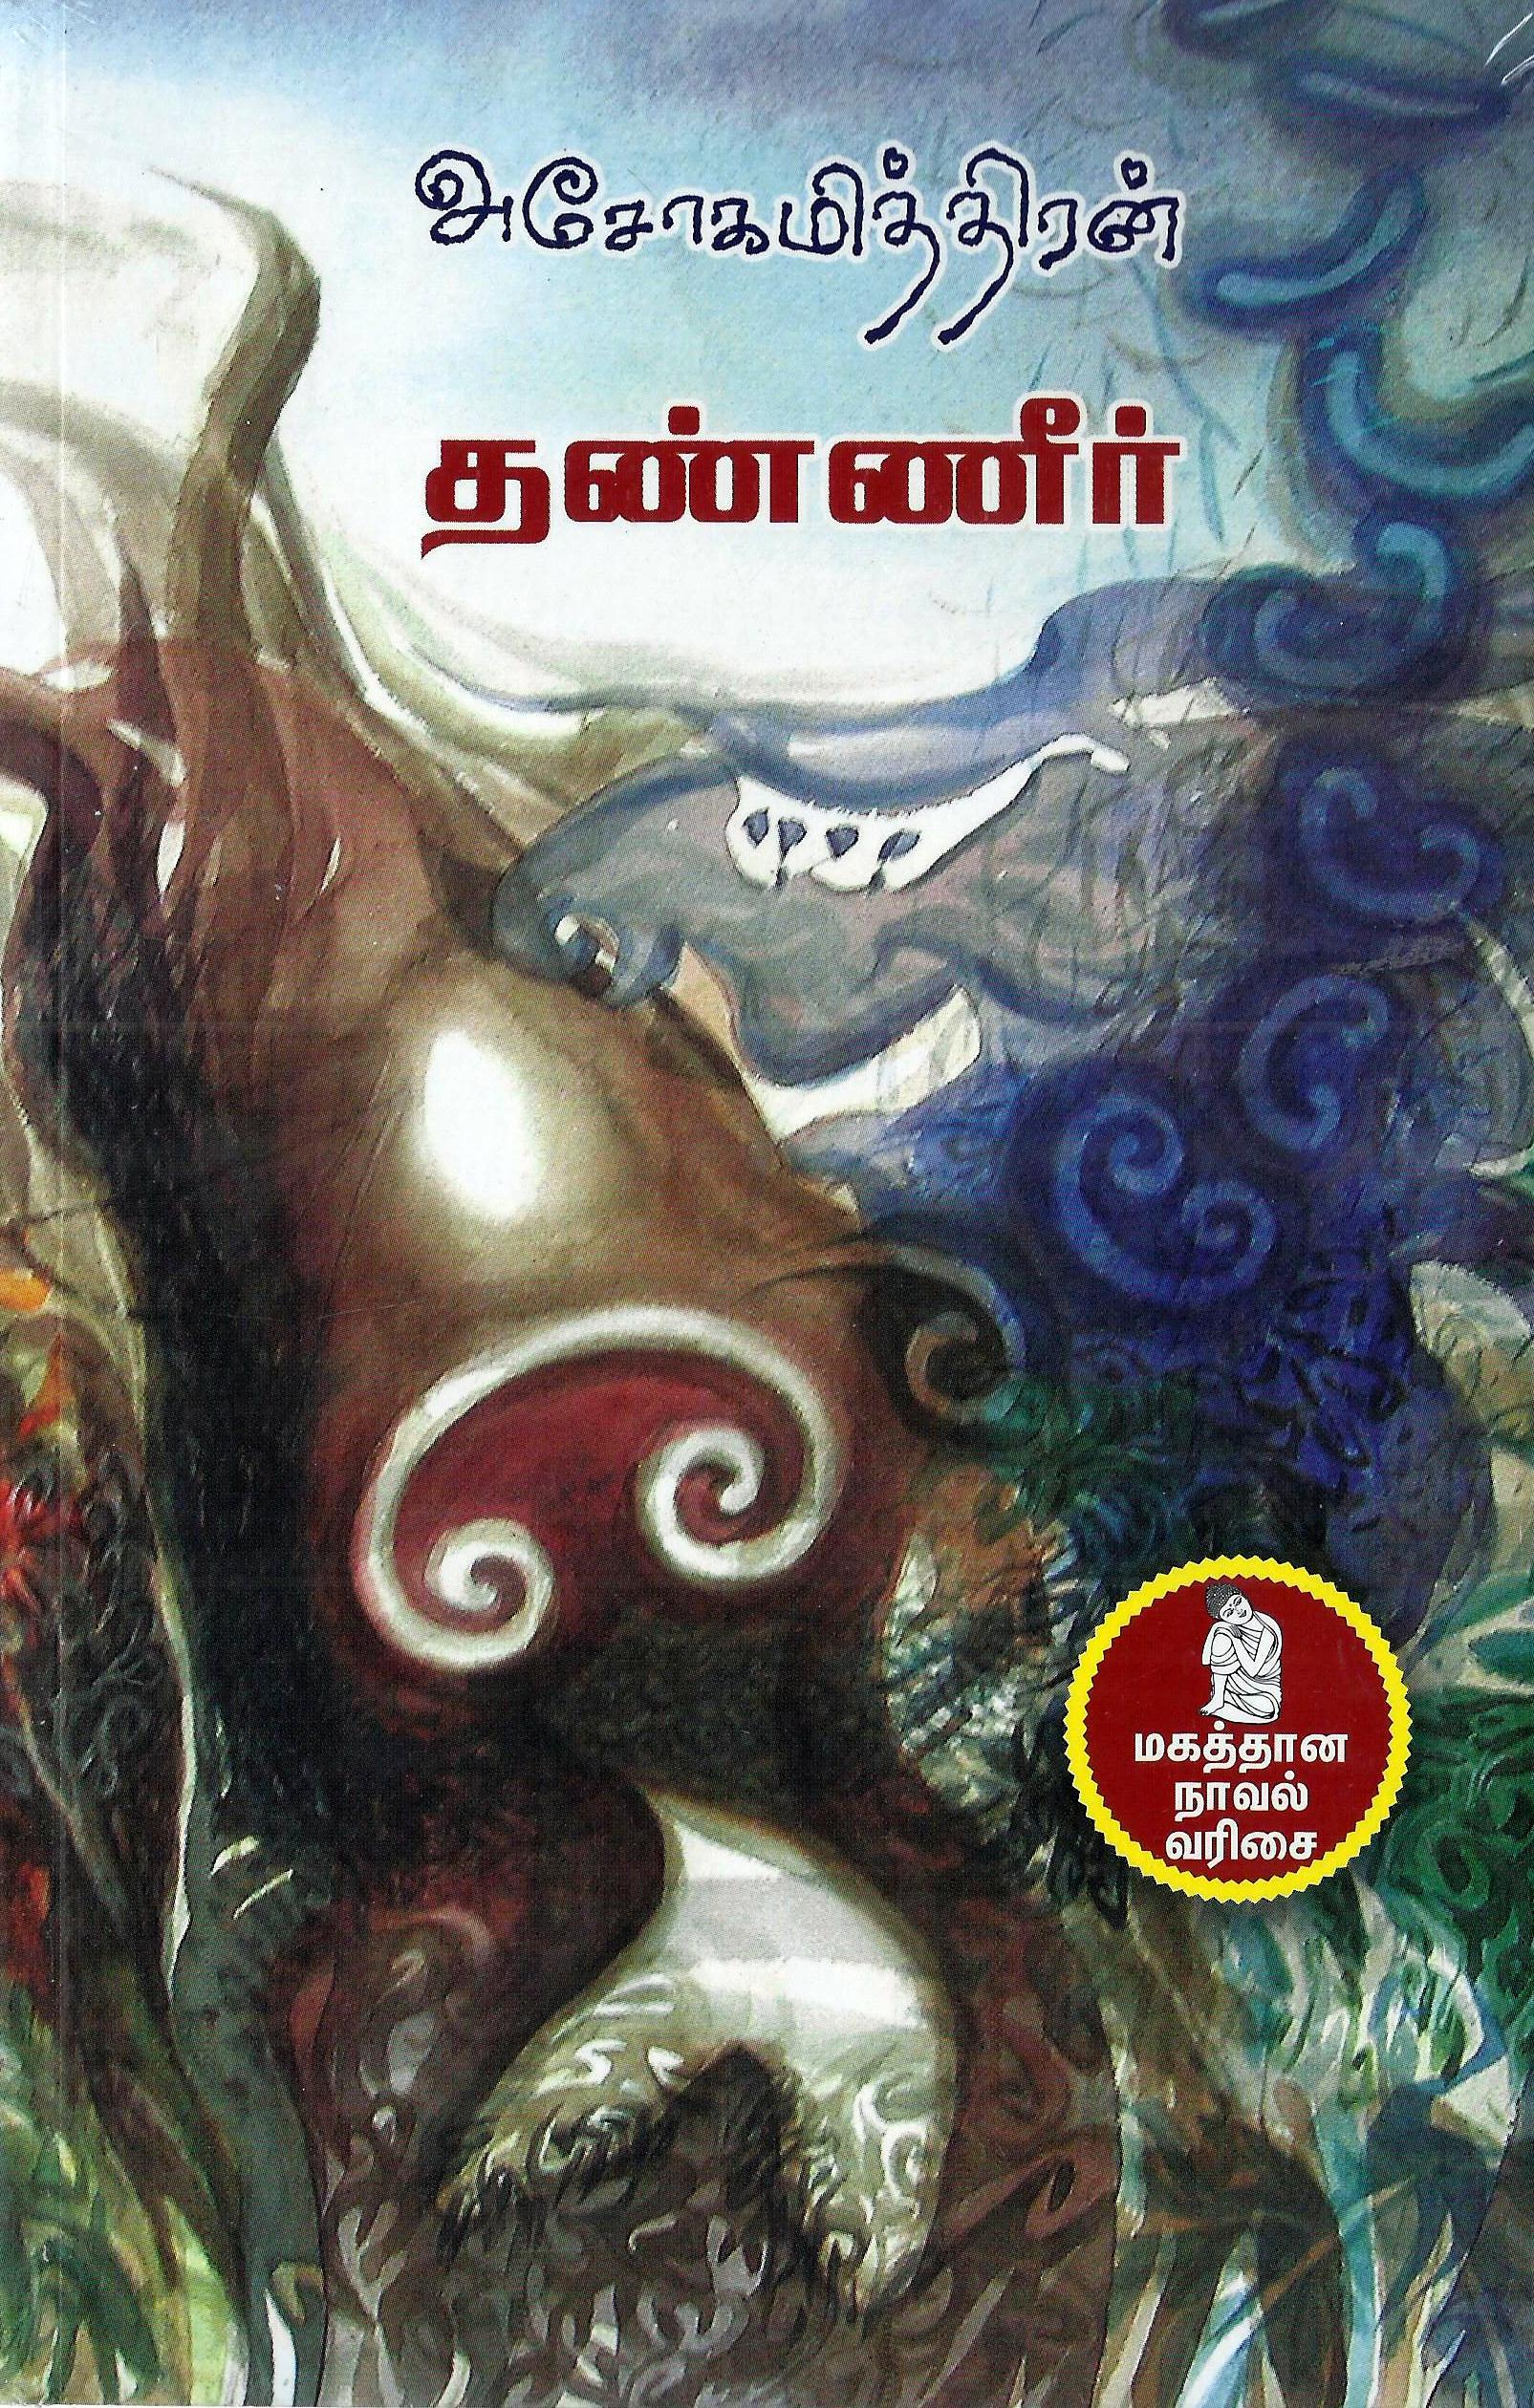 தண்ணீர் - அசோகமித்திரன் - அசோகமித்திரன் - நற்றிணை | panuval.com